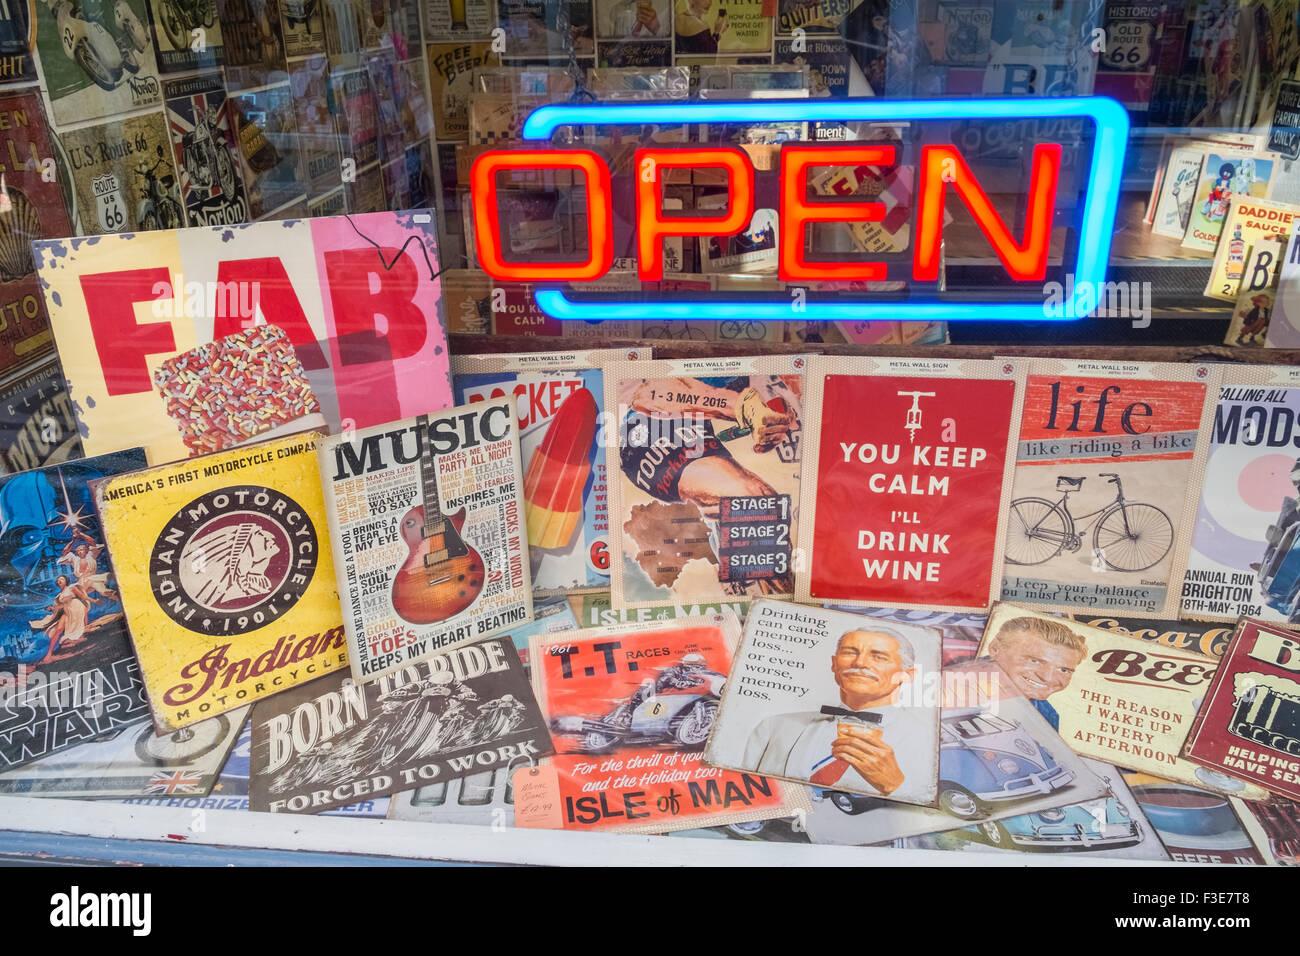 Tienda escaparate de nostalgia, con carteles de neón signo 'Abrir'. Imagen De Stock